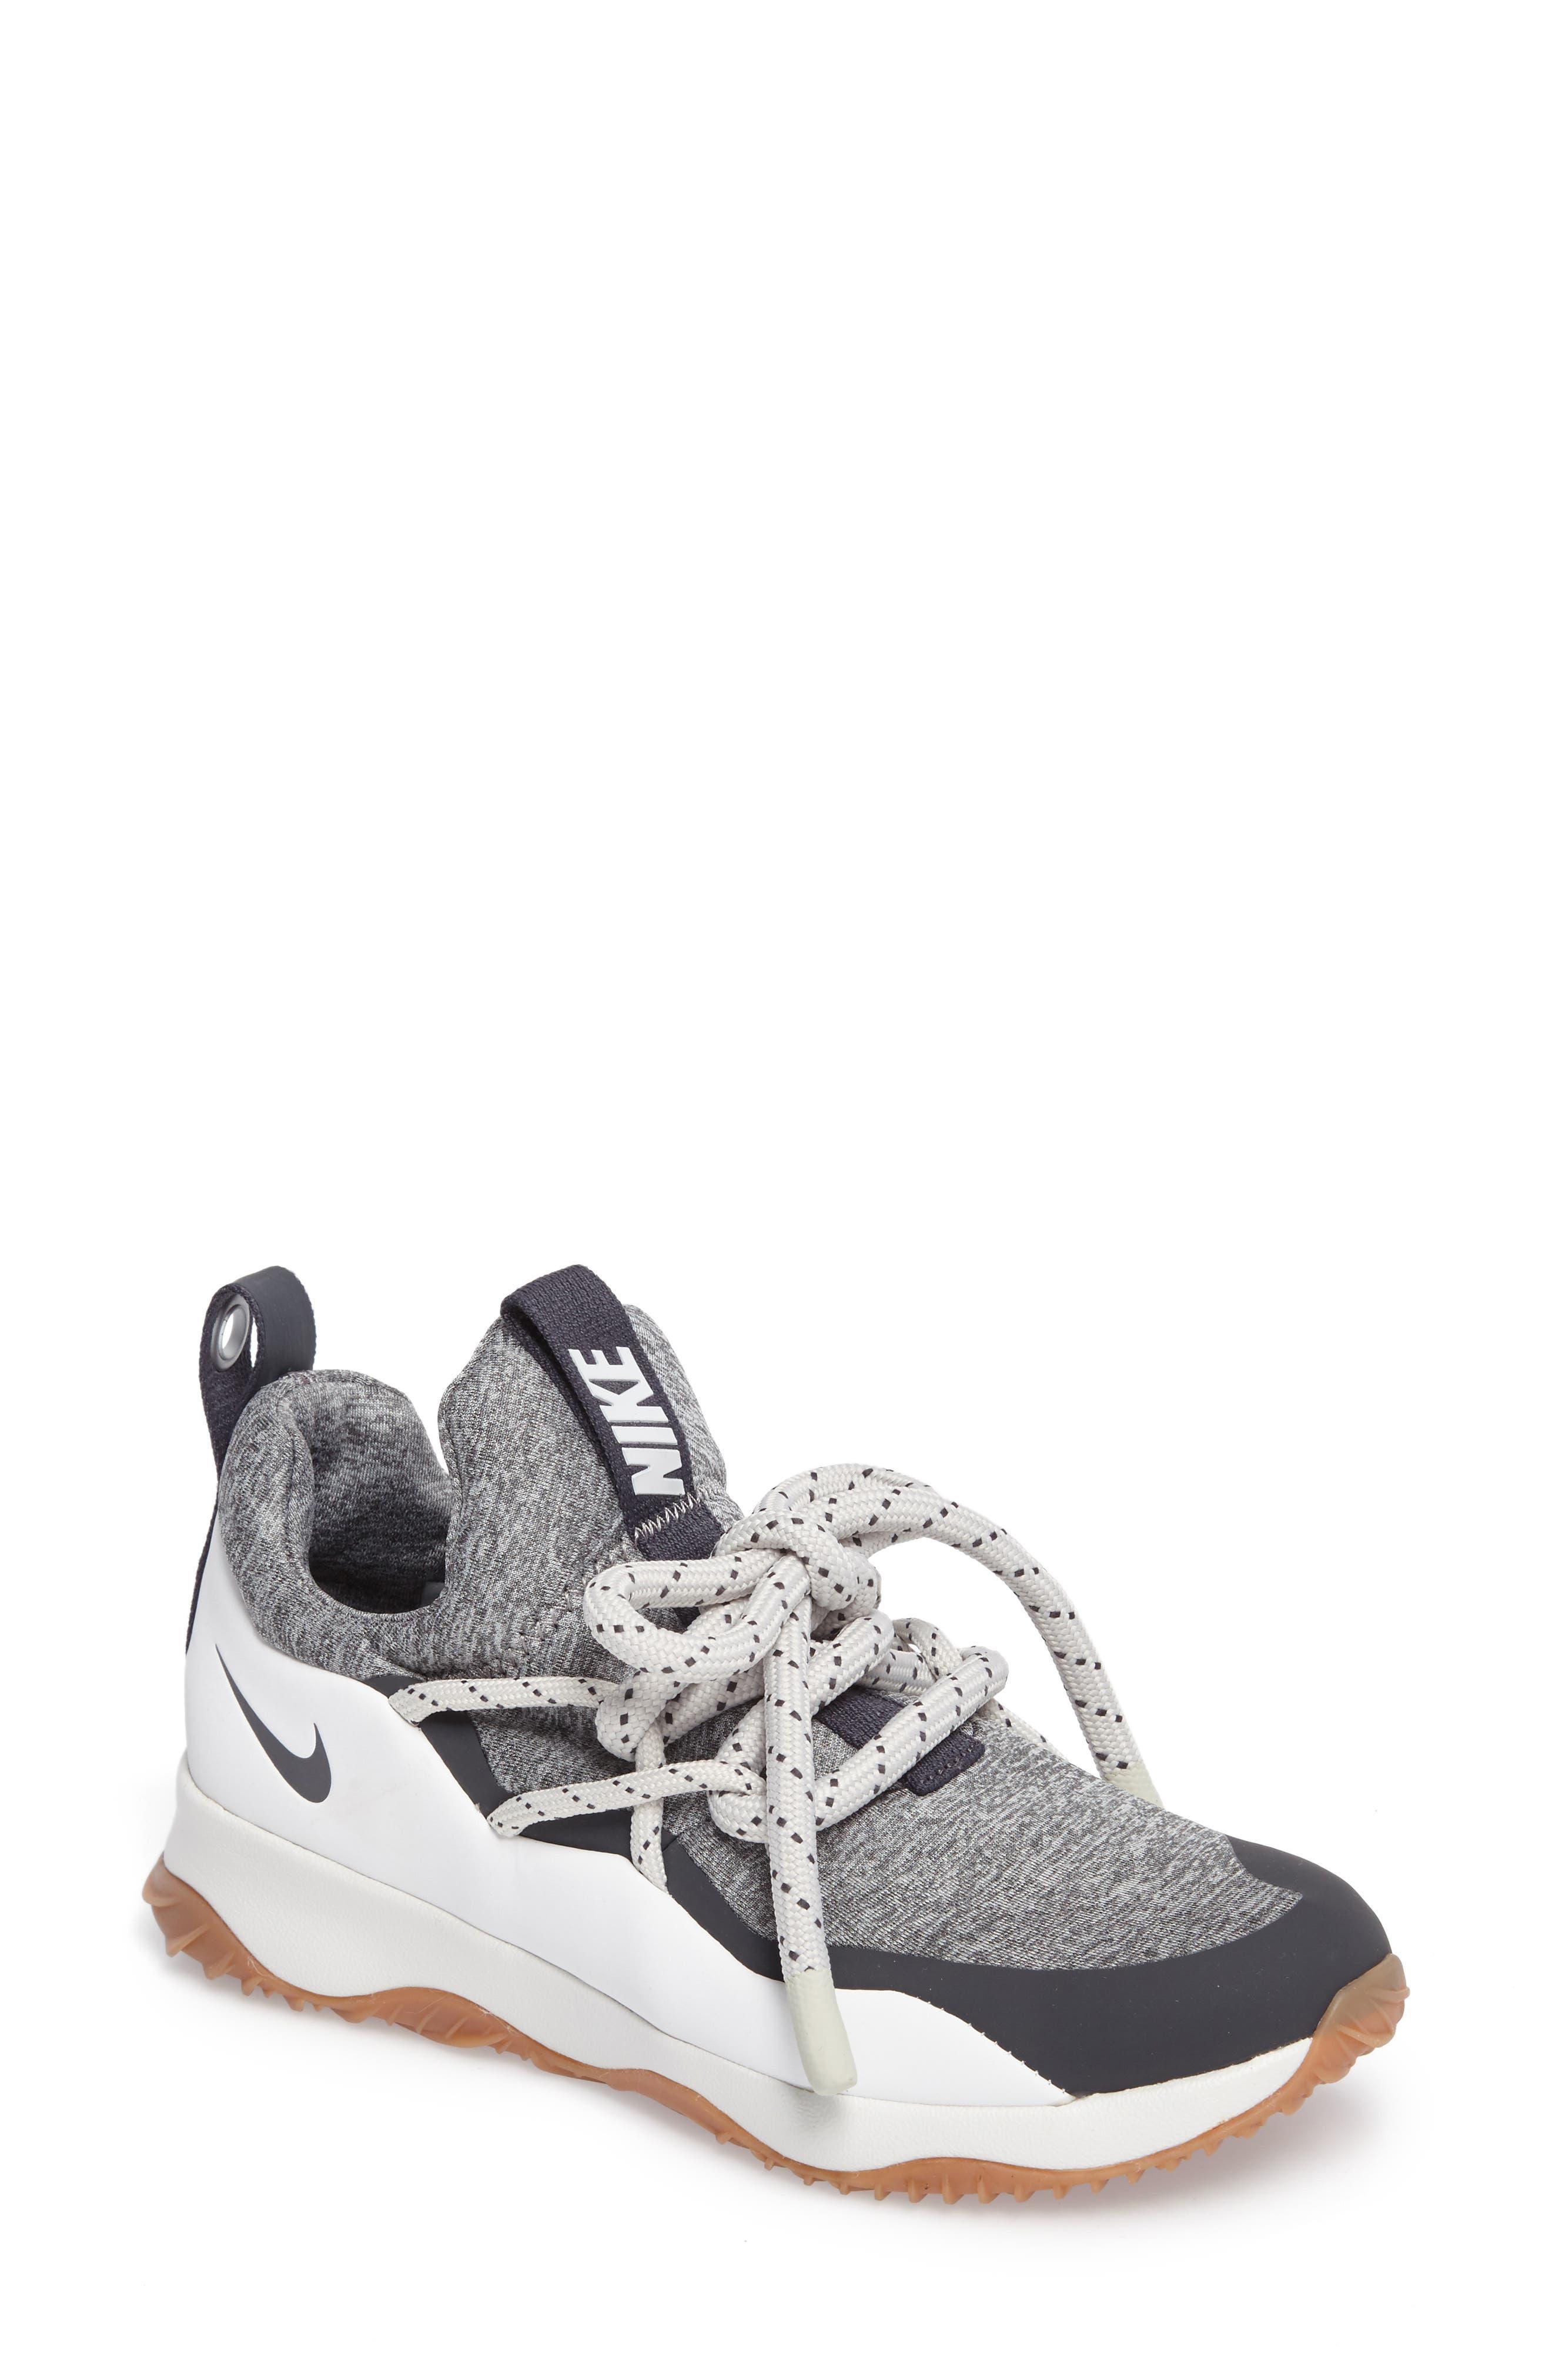 Alternate Image 1 Selected - Nike City Loop Sneaker (Women)